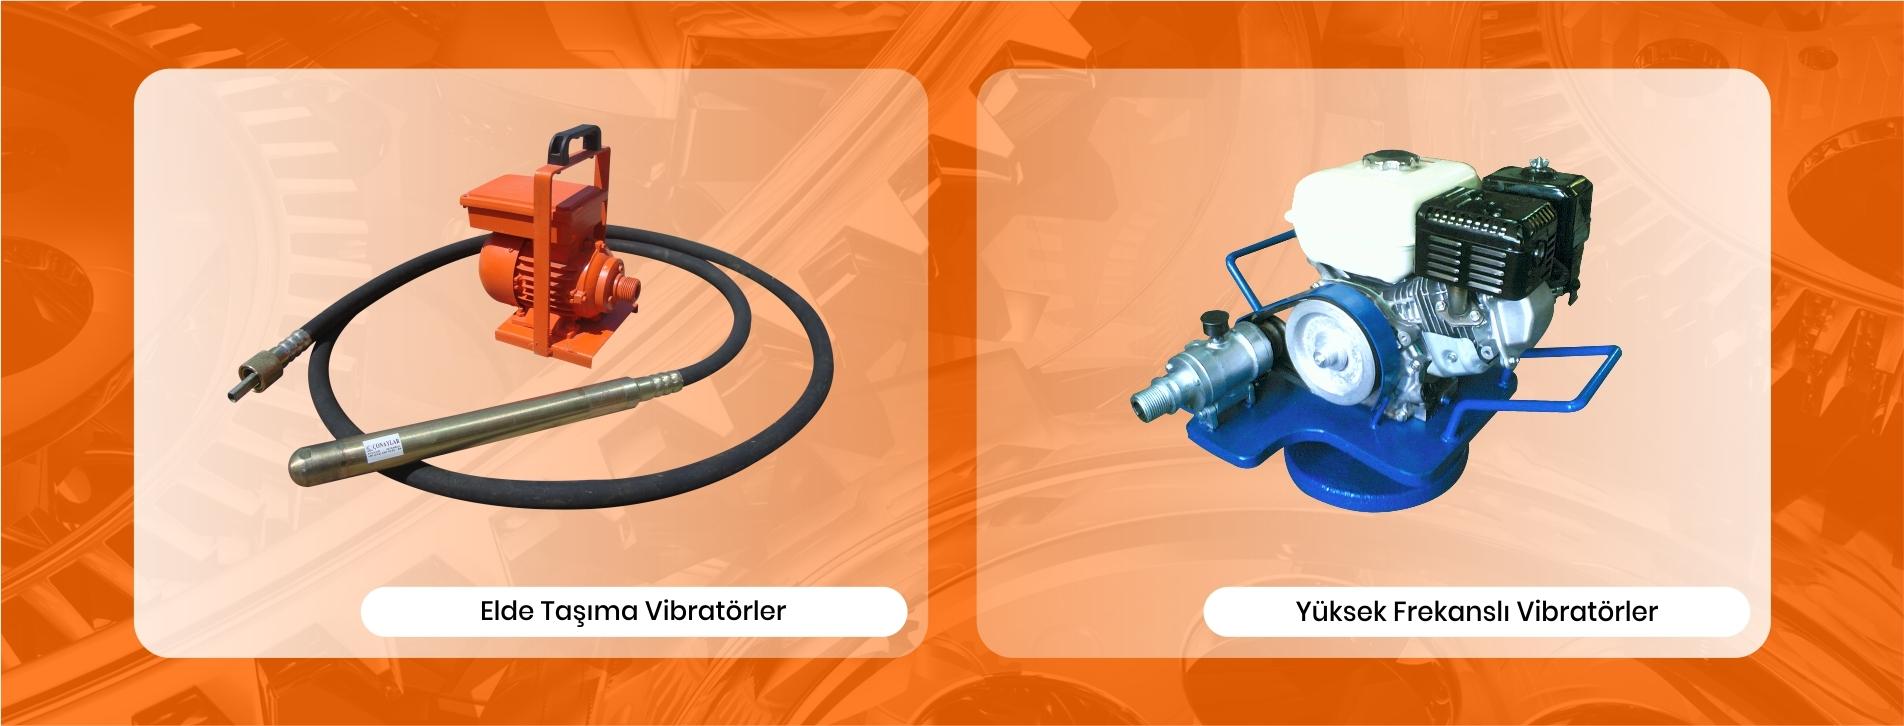 Beton Vibratörleri